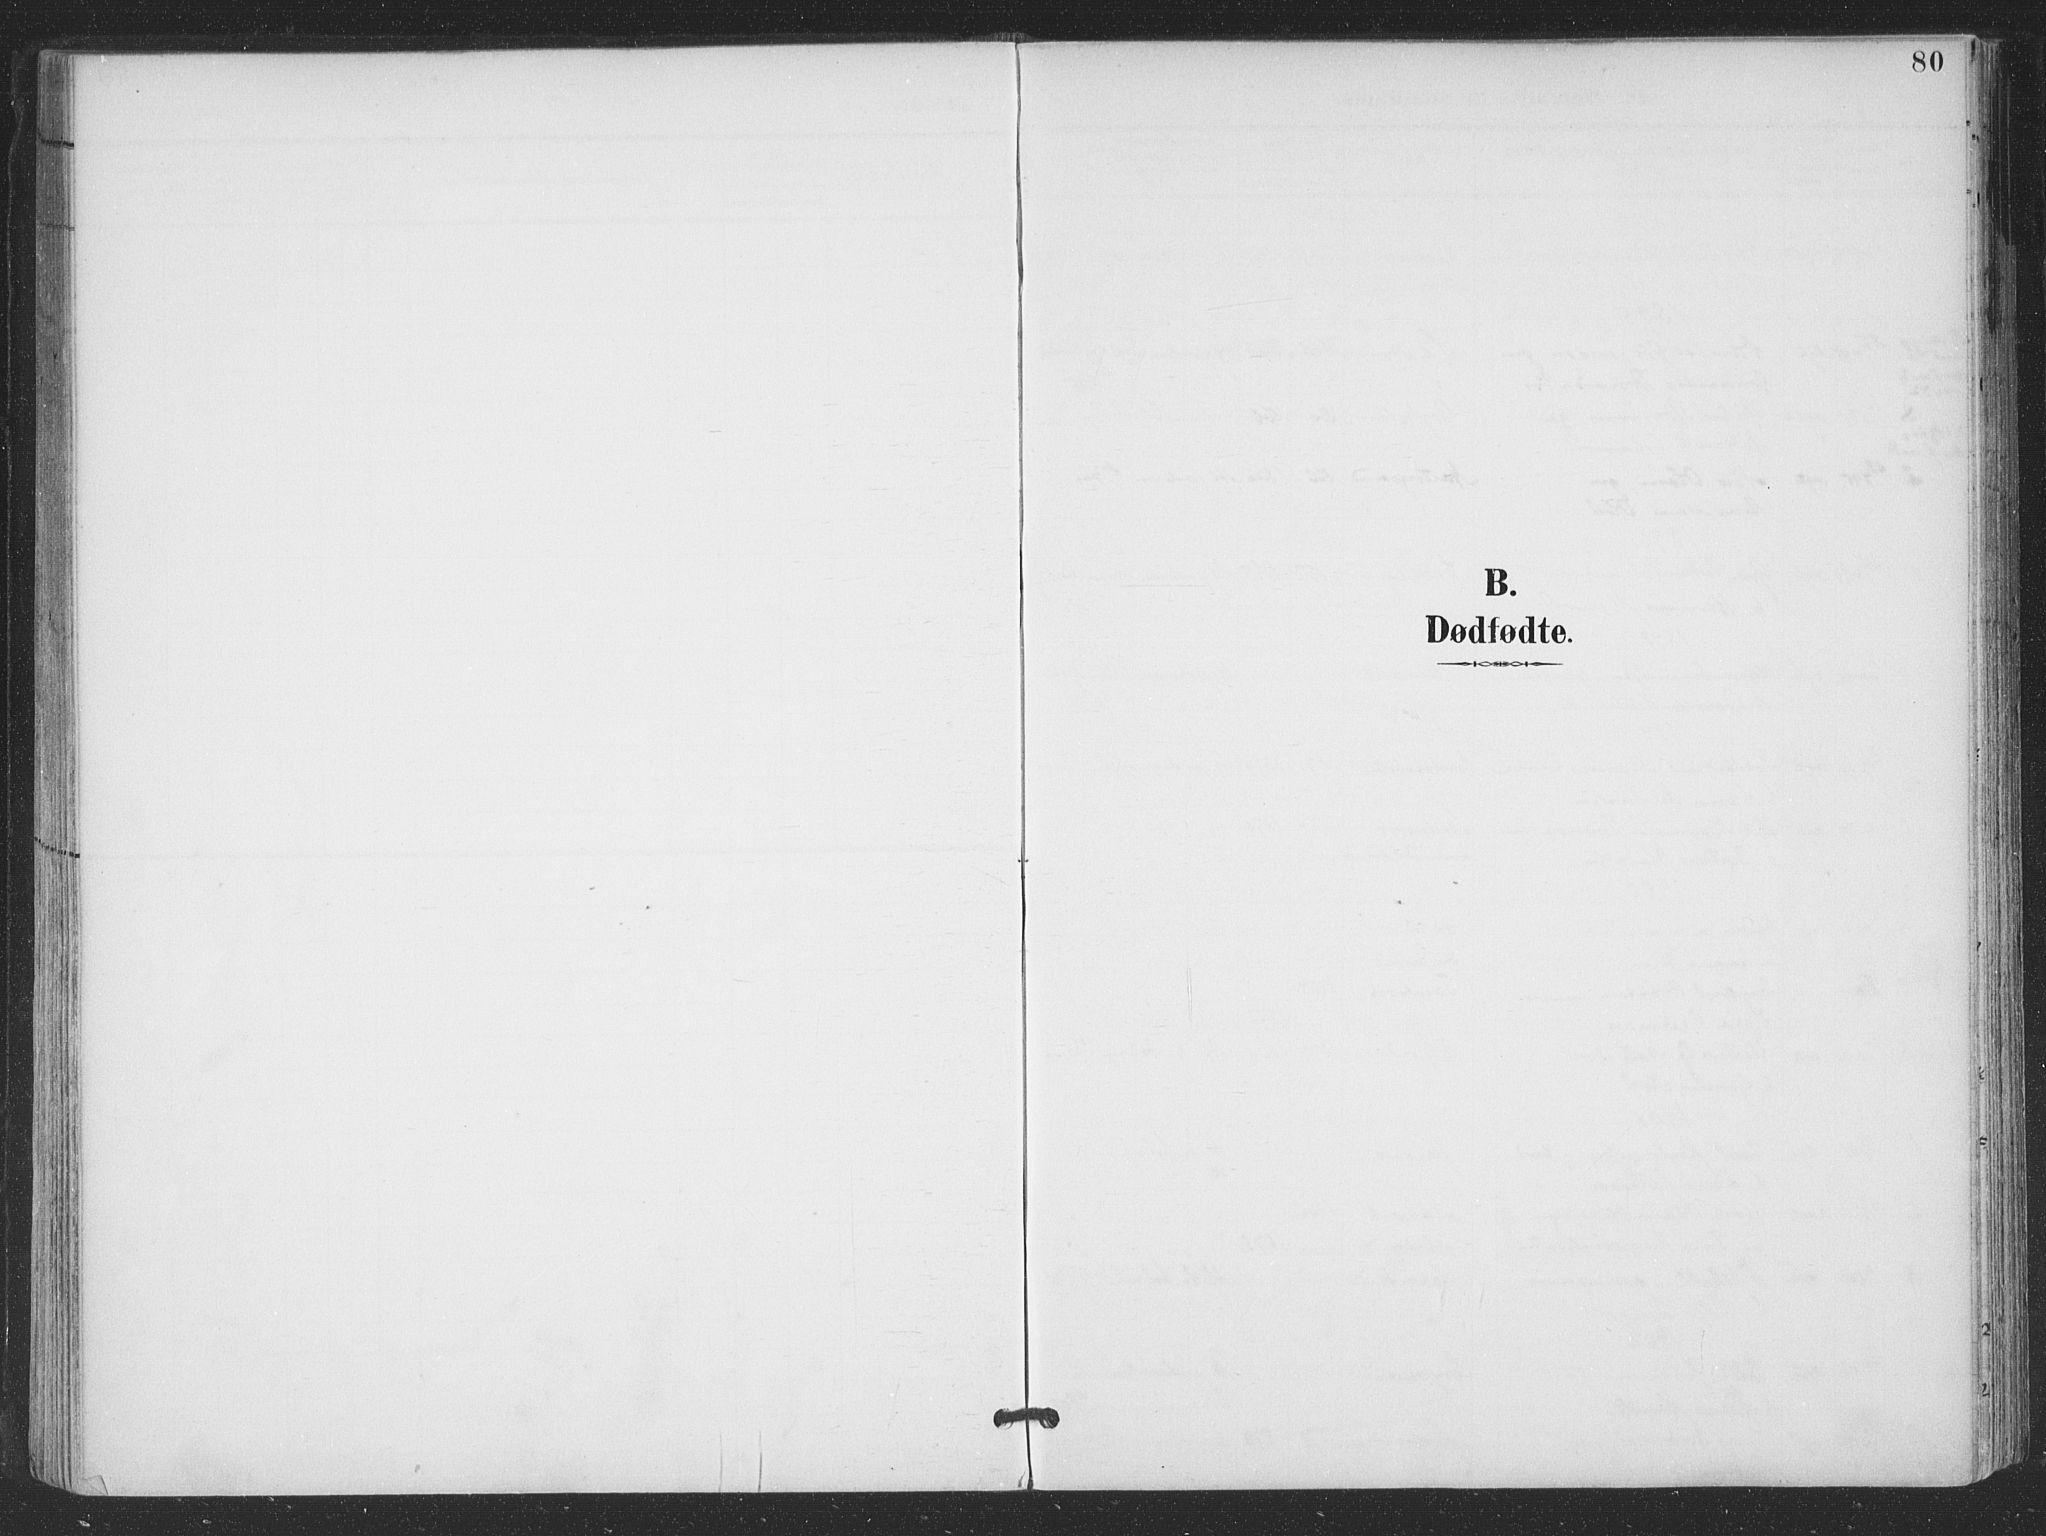 SAT, Ministerialprotokoller, klokkerbøker og fødselsregistre - Nordland, 866/L0939: Parish register (official) no. 866A02, 1894-1906, p. 80